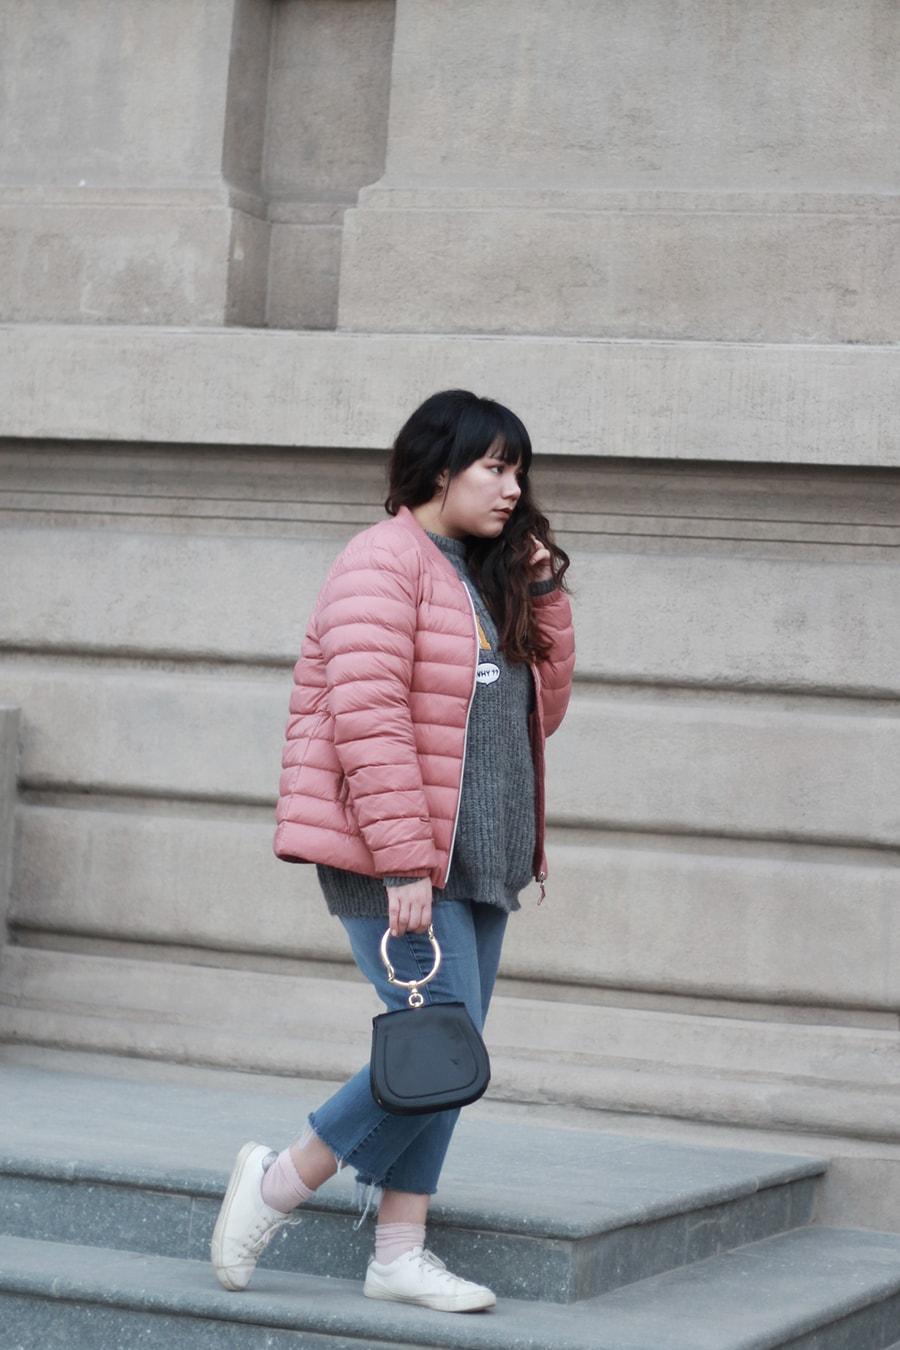 Millennial pink - hoop purse handbag - pink and gray - golden strokes